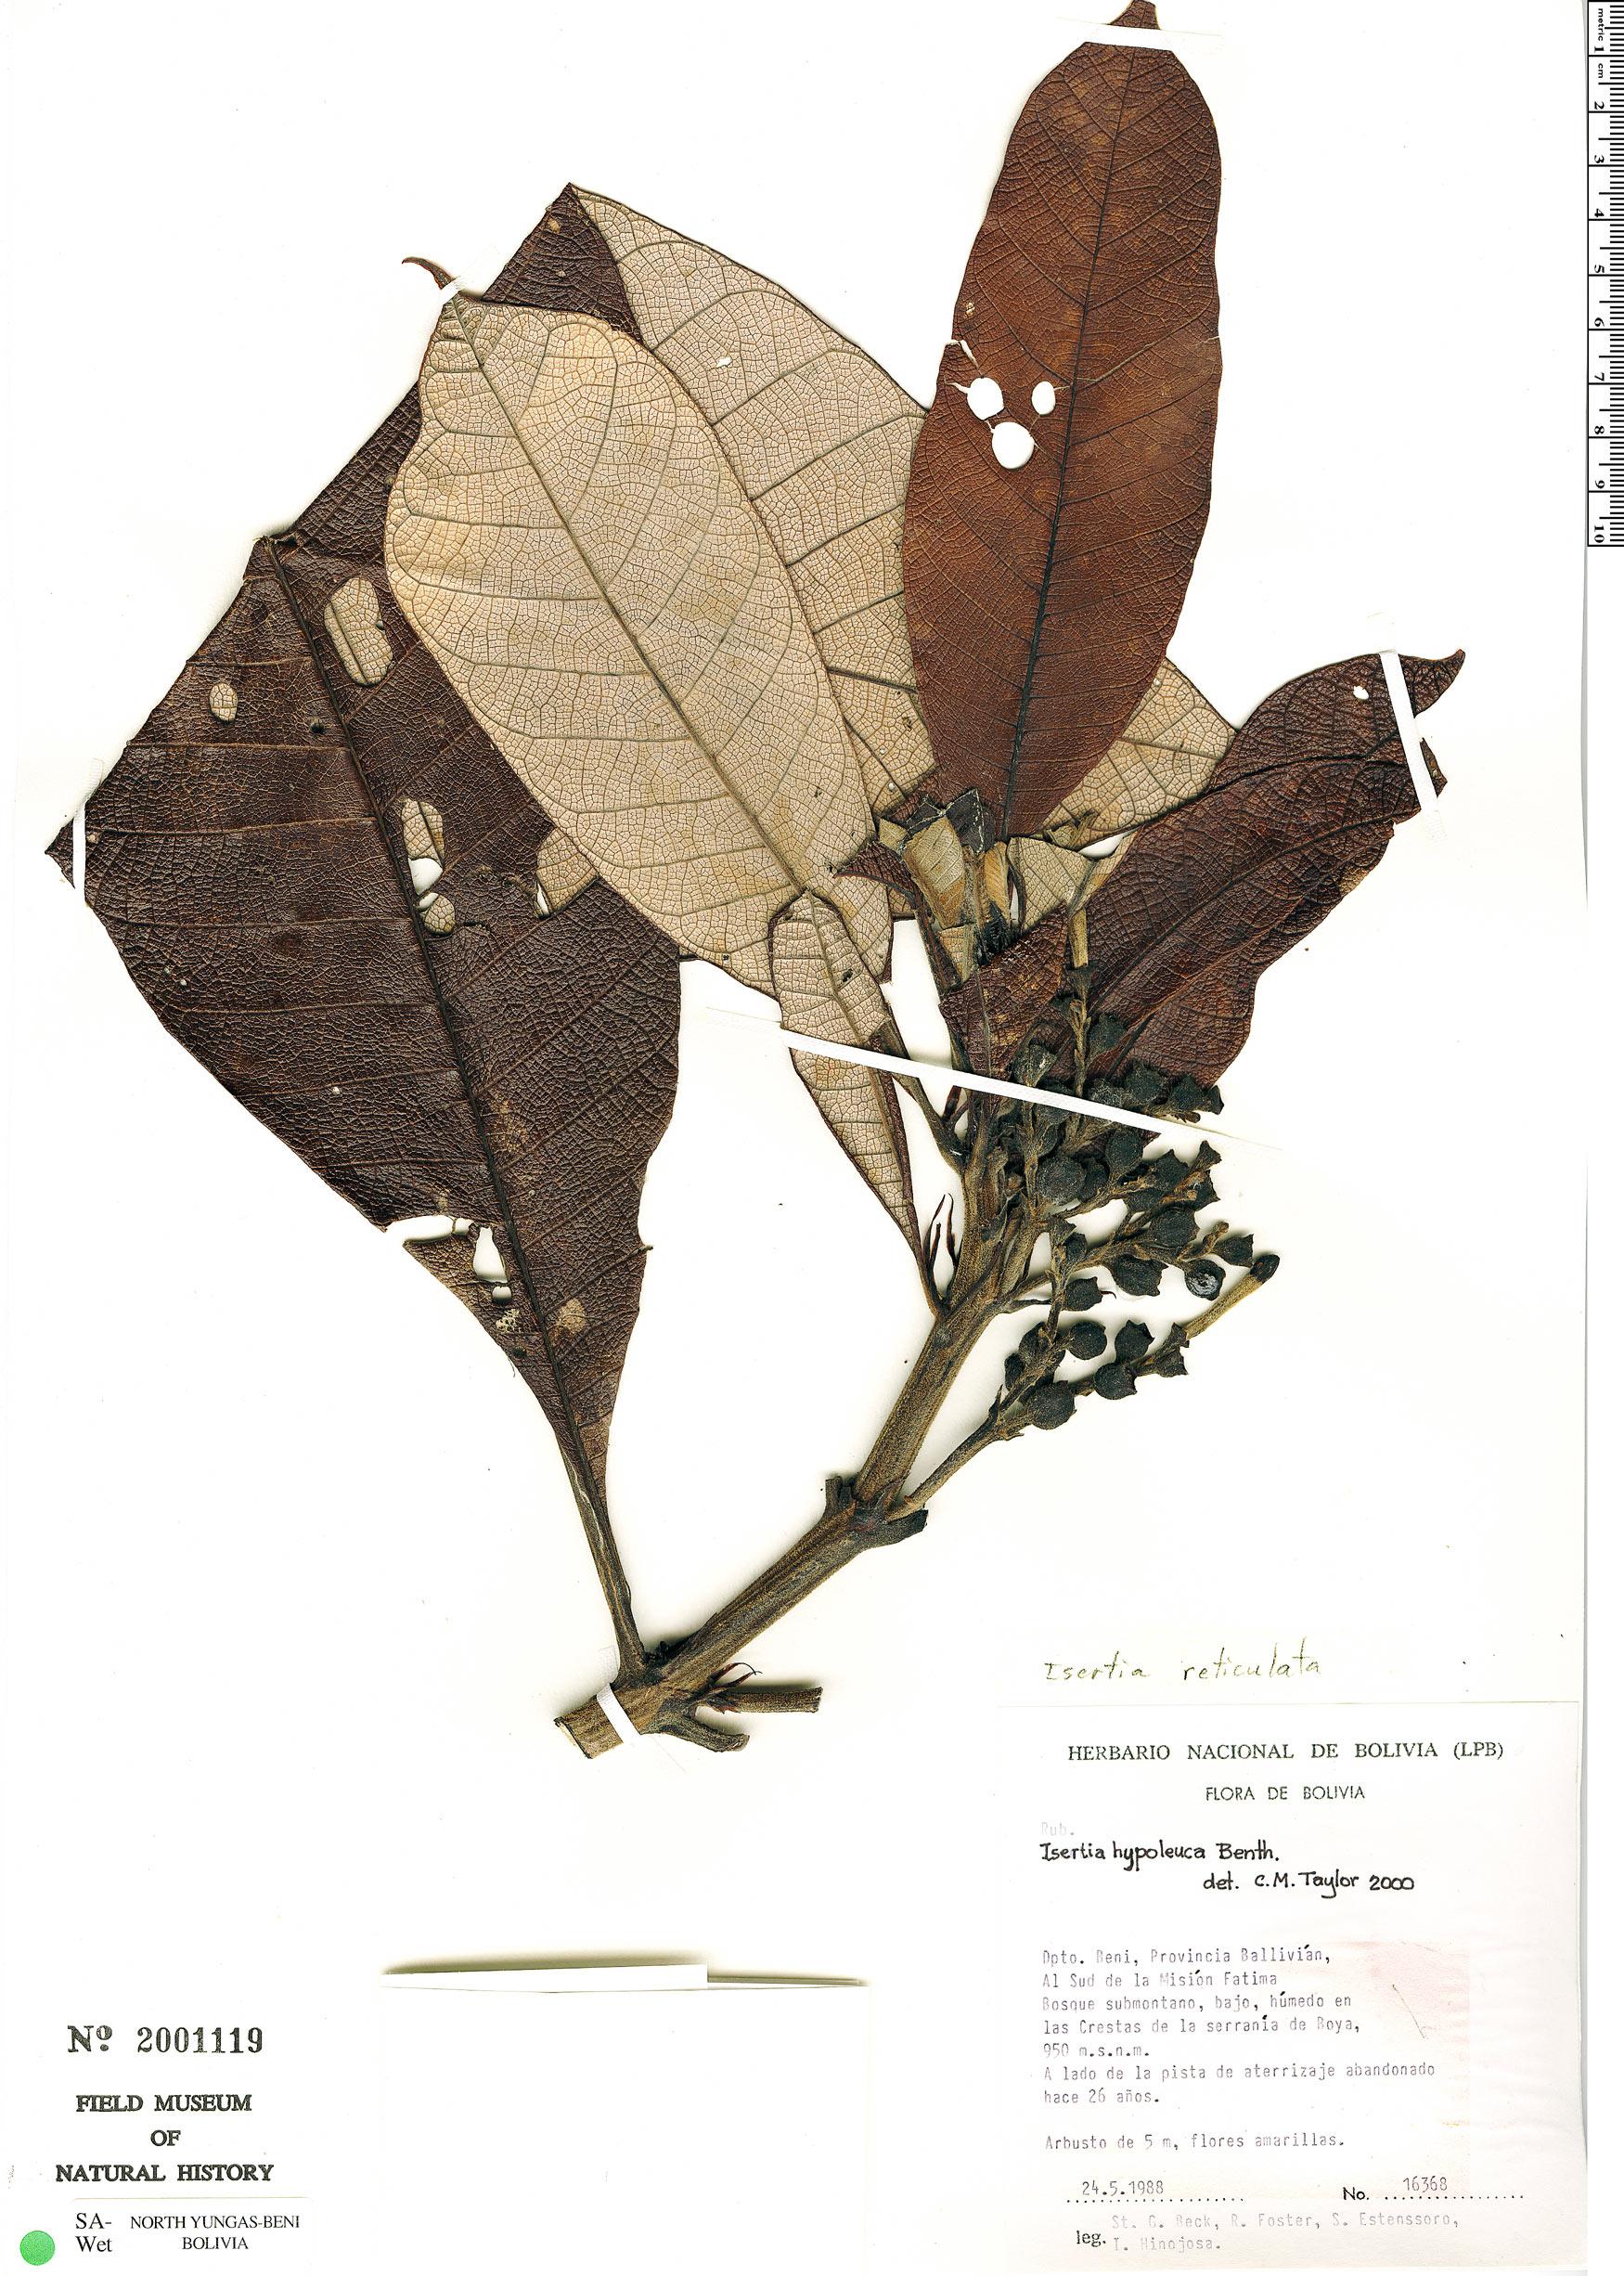 Specimen: Isertia hypoleuca